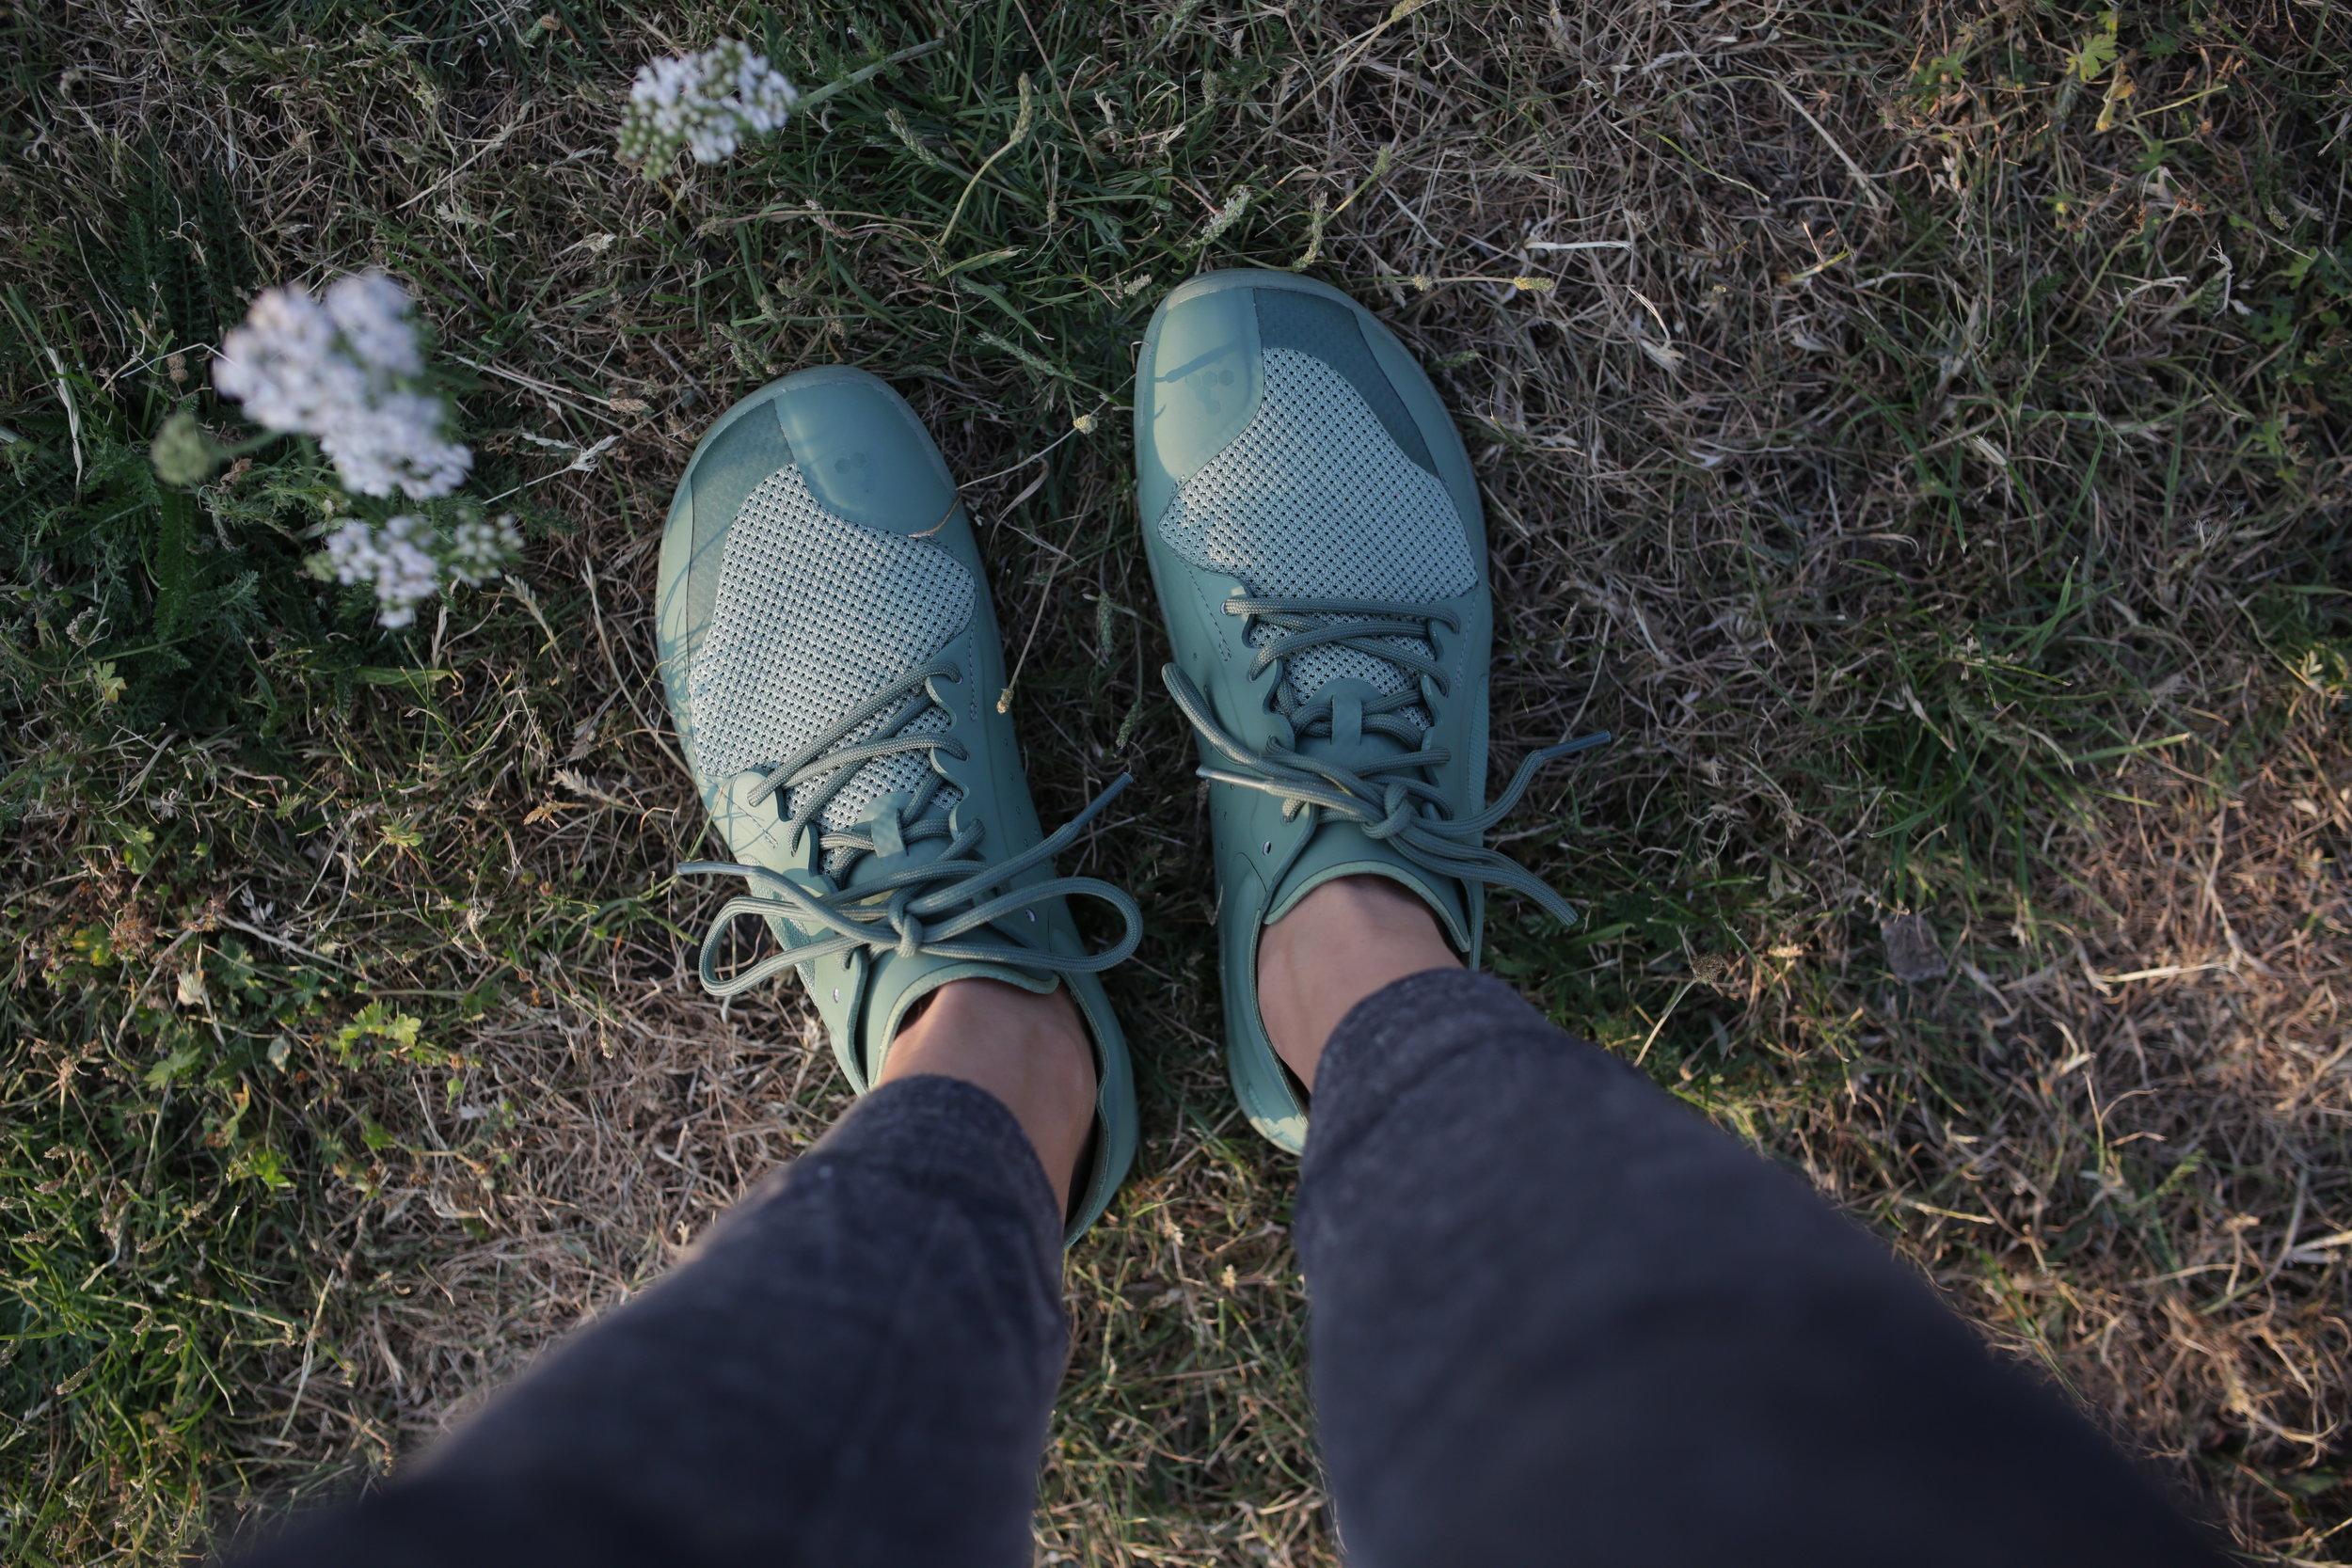 Vivobarefoot - Vegan, Barefoot Shoes